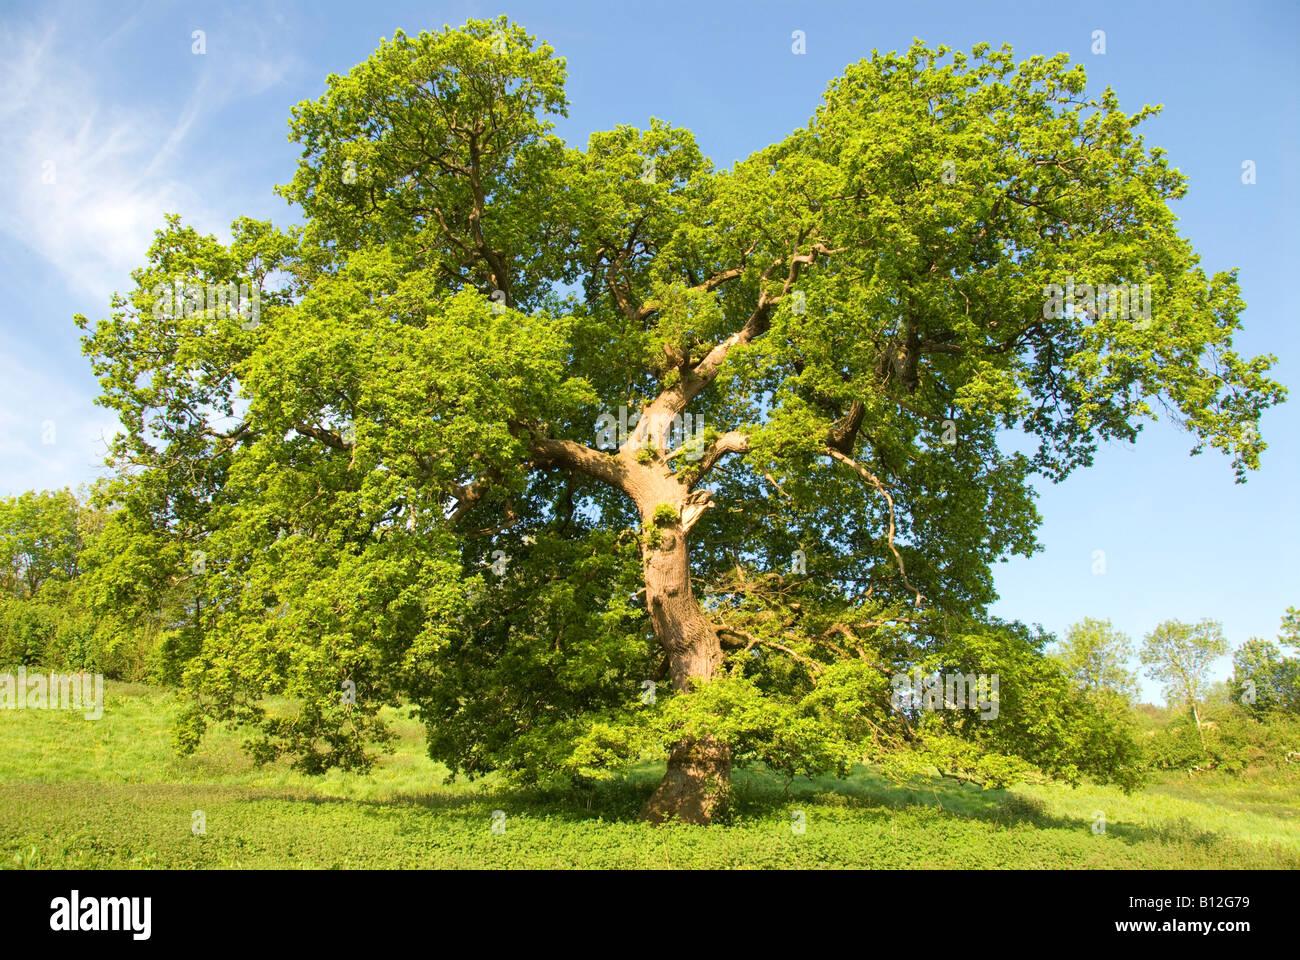 Un árbol de roble en la campiña inglesa Imagen De Stock